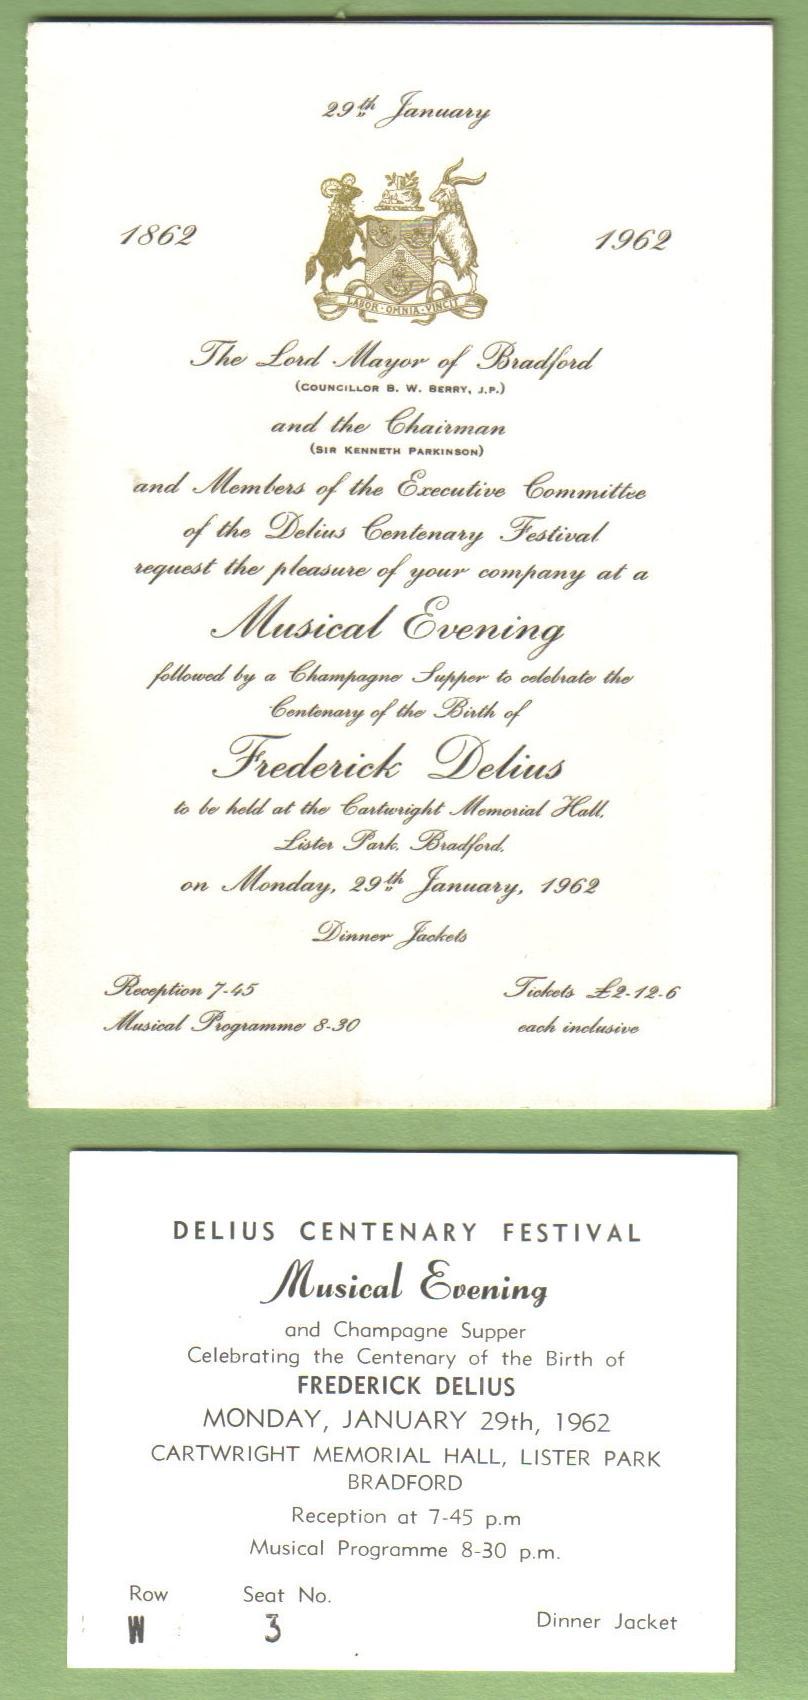 Delius Centenary Festival 1962